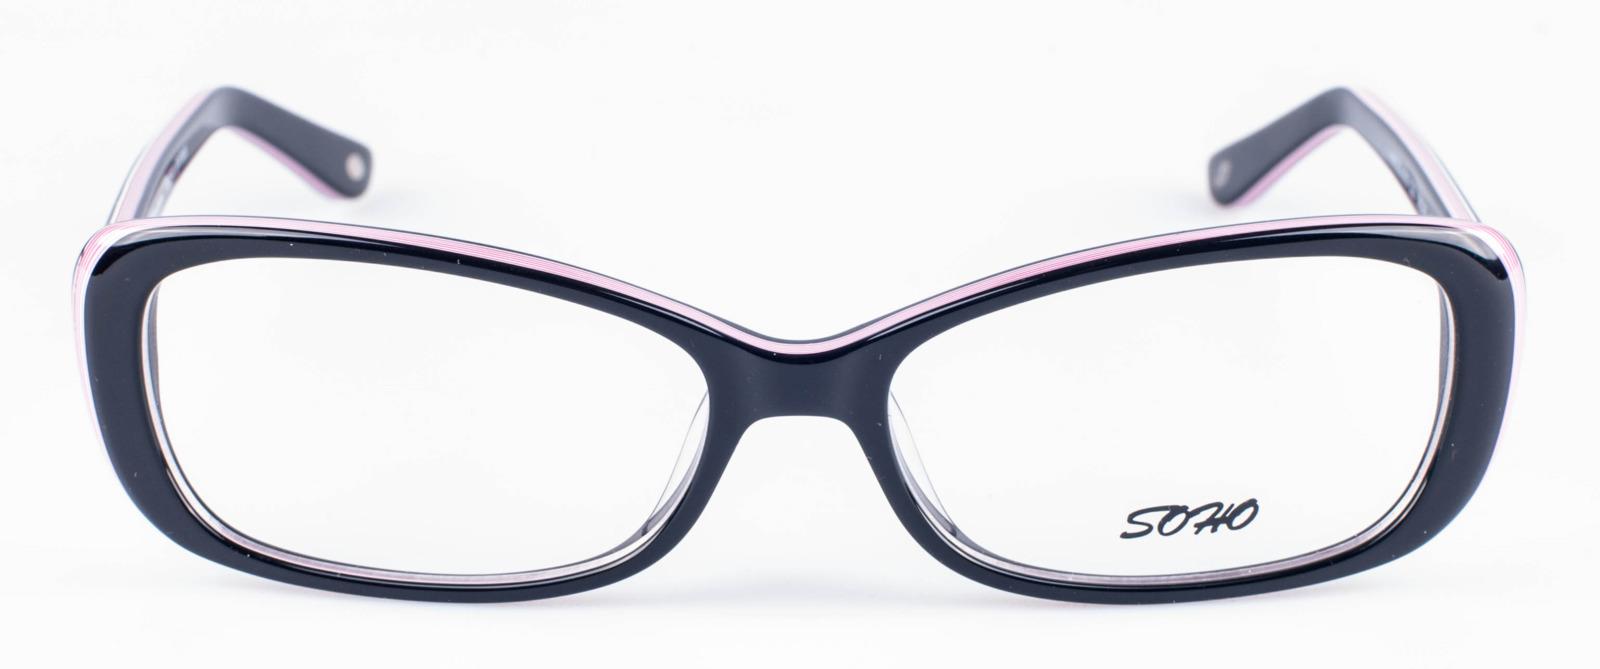 Оправа для очков женская Soho, SCL1012 C02, черный цена